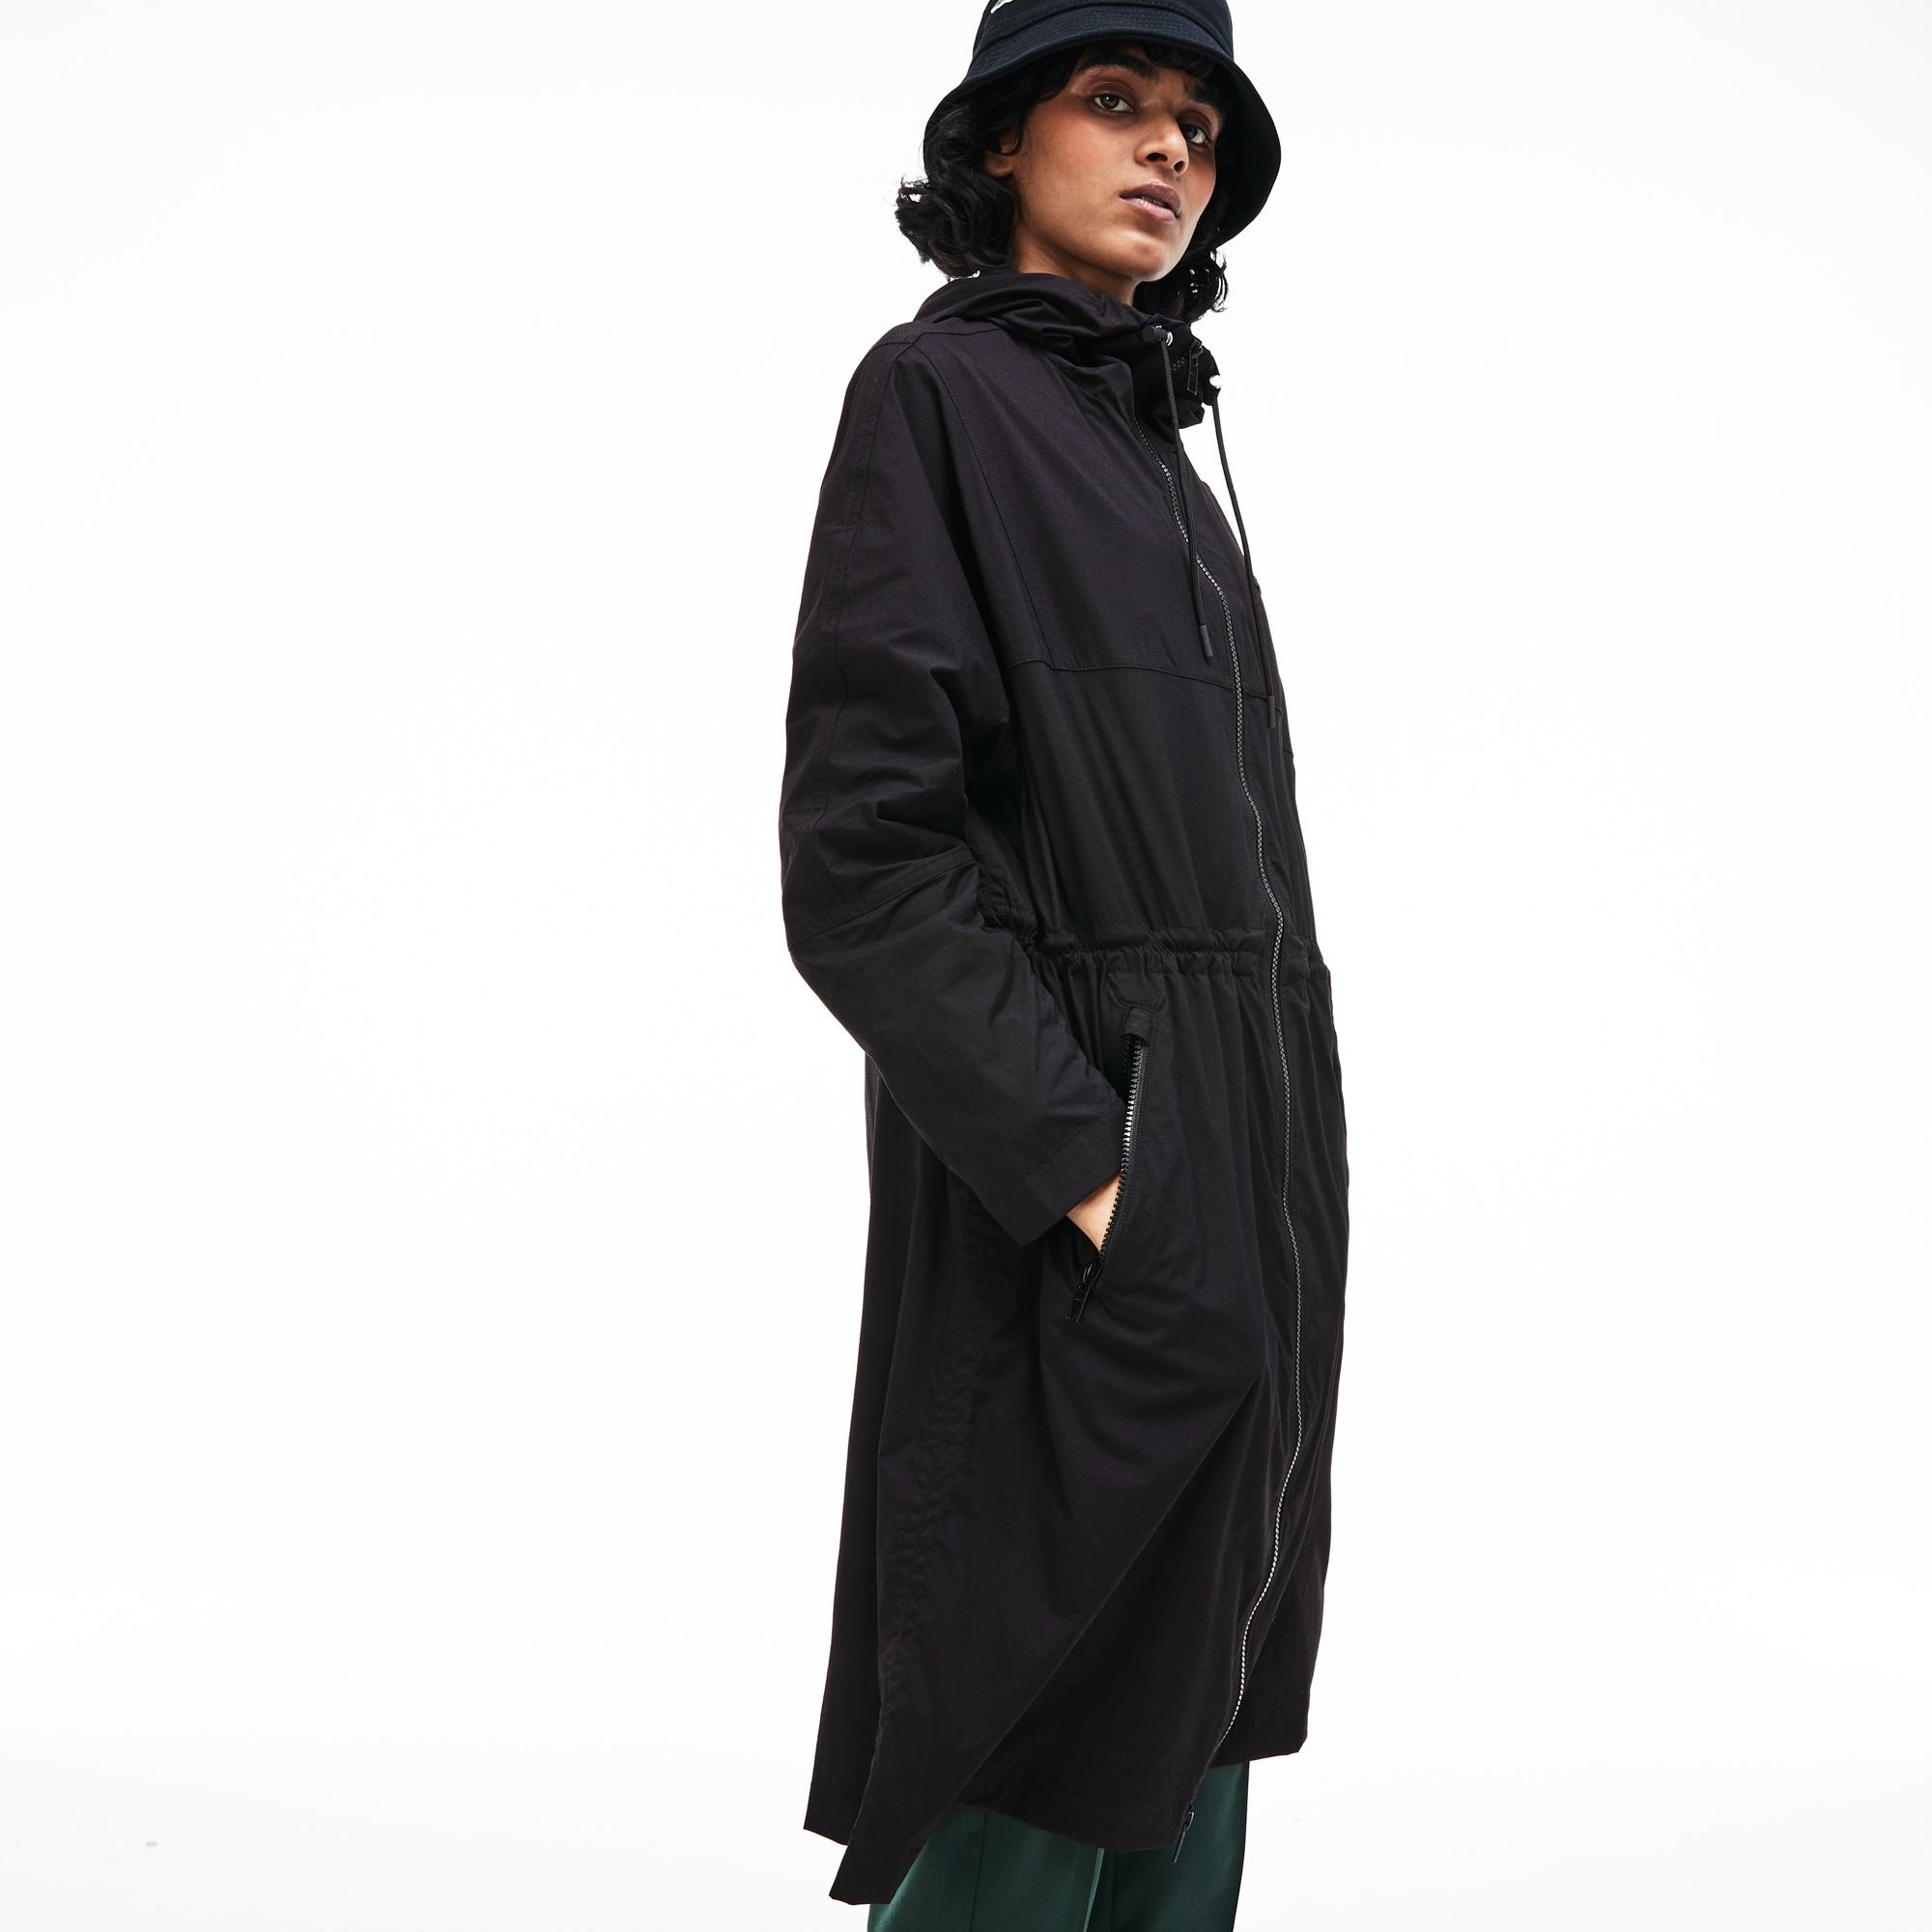 Куртка LacosteВерхняя одежда<br>Детали: выполнена из водонепронецаемой ткани ripstop;\капюшон с шнурком;\На молнии;\Потайная резинка для регулировки талии;\Прорезные карманы на молнии;\Силиконовый логотип Lacoste в тон изделия\Материал: 92% полиамид 8% эластан